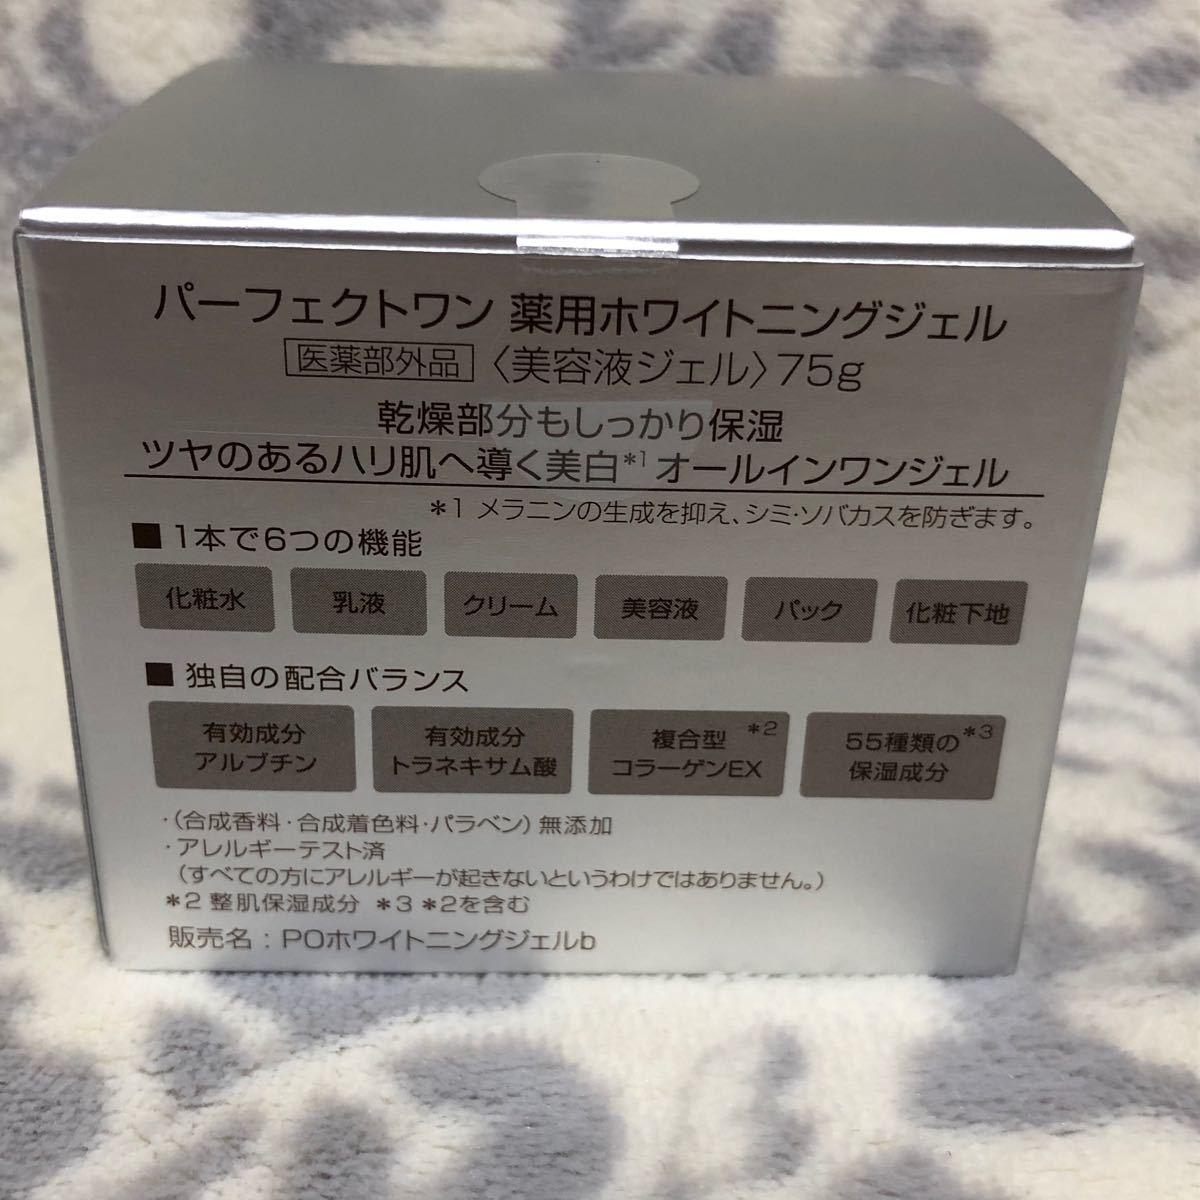 パーフェクトワン 薬用ホワイトニングジェル 75g 2個セット / 新日本製薬 / オールインワンゲル 美白化粧品 / シミ